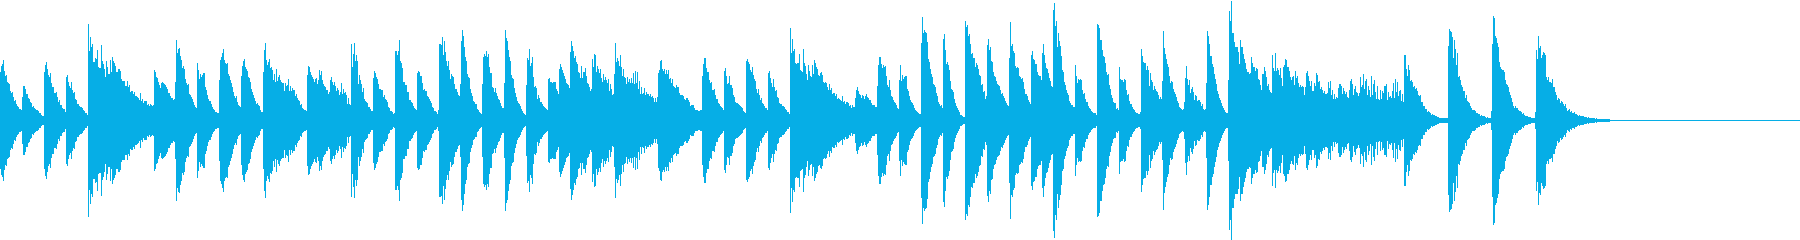 跳躍する音階の元気で可愛いピアノジングルの再生済みの波形